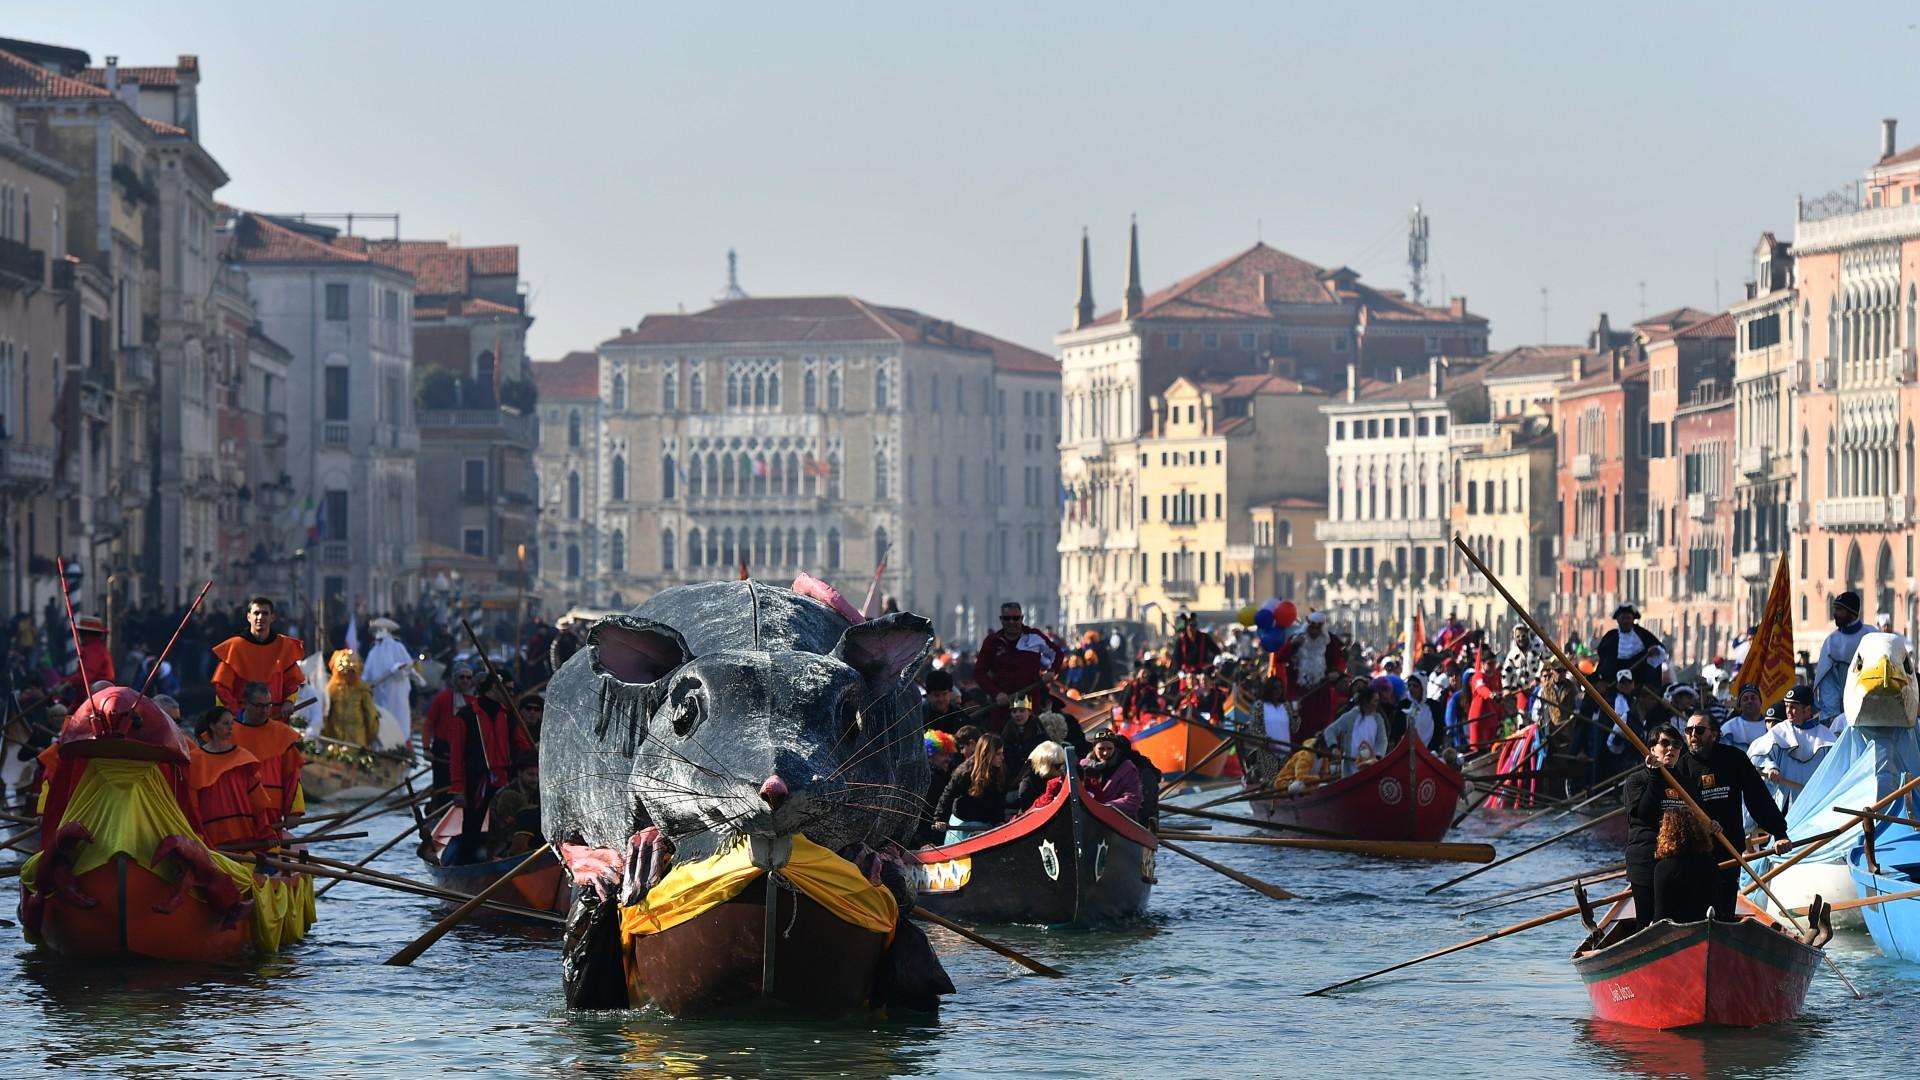 Los barcos decorados se mueven en el Gran Canal durante la regata de apertura del Carnaval de Venecia el 17 de febrero de 2019.